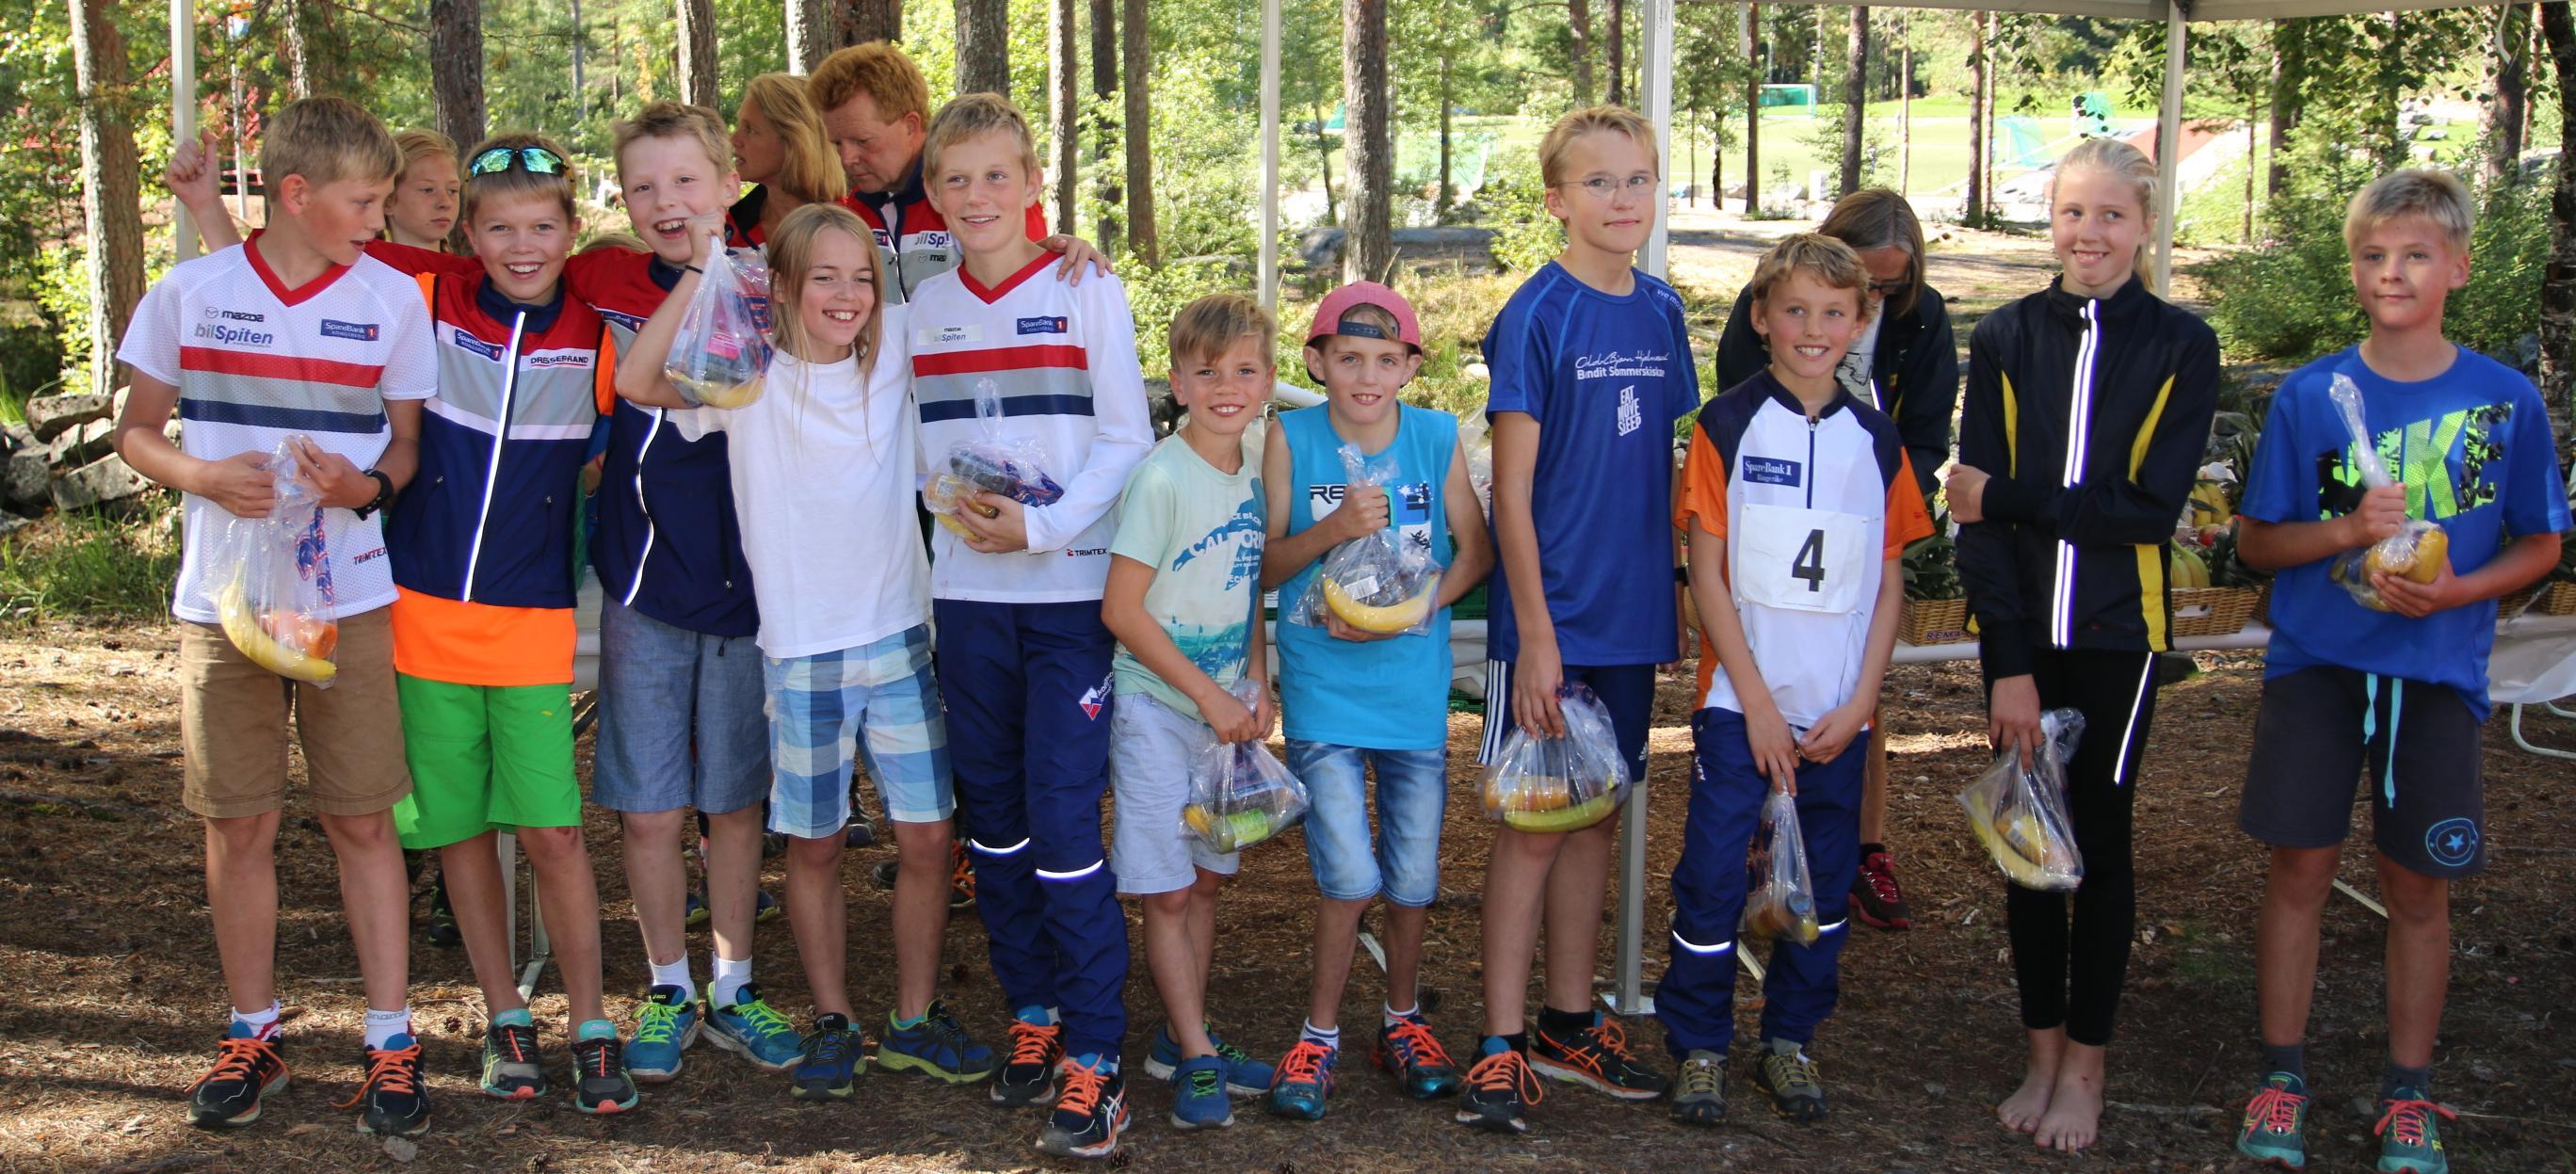 Martin og Reidar tok en fin 4.plass i H11-12 etter en knallsterk siste etappe av Reidar.